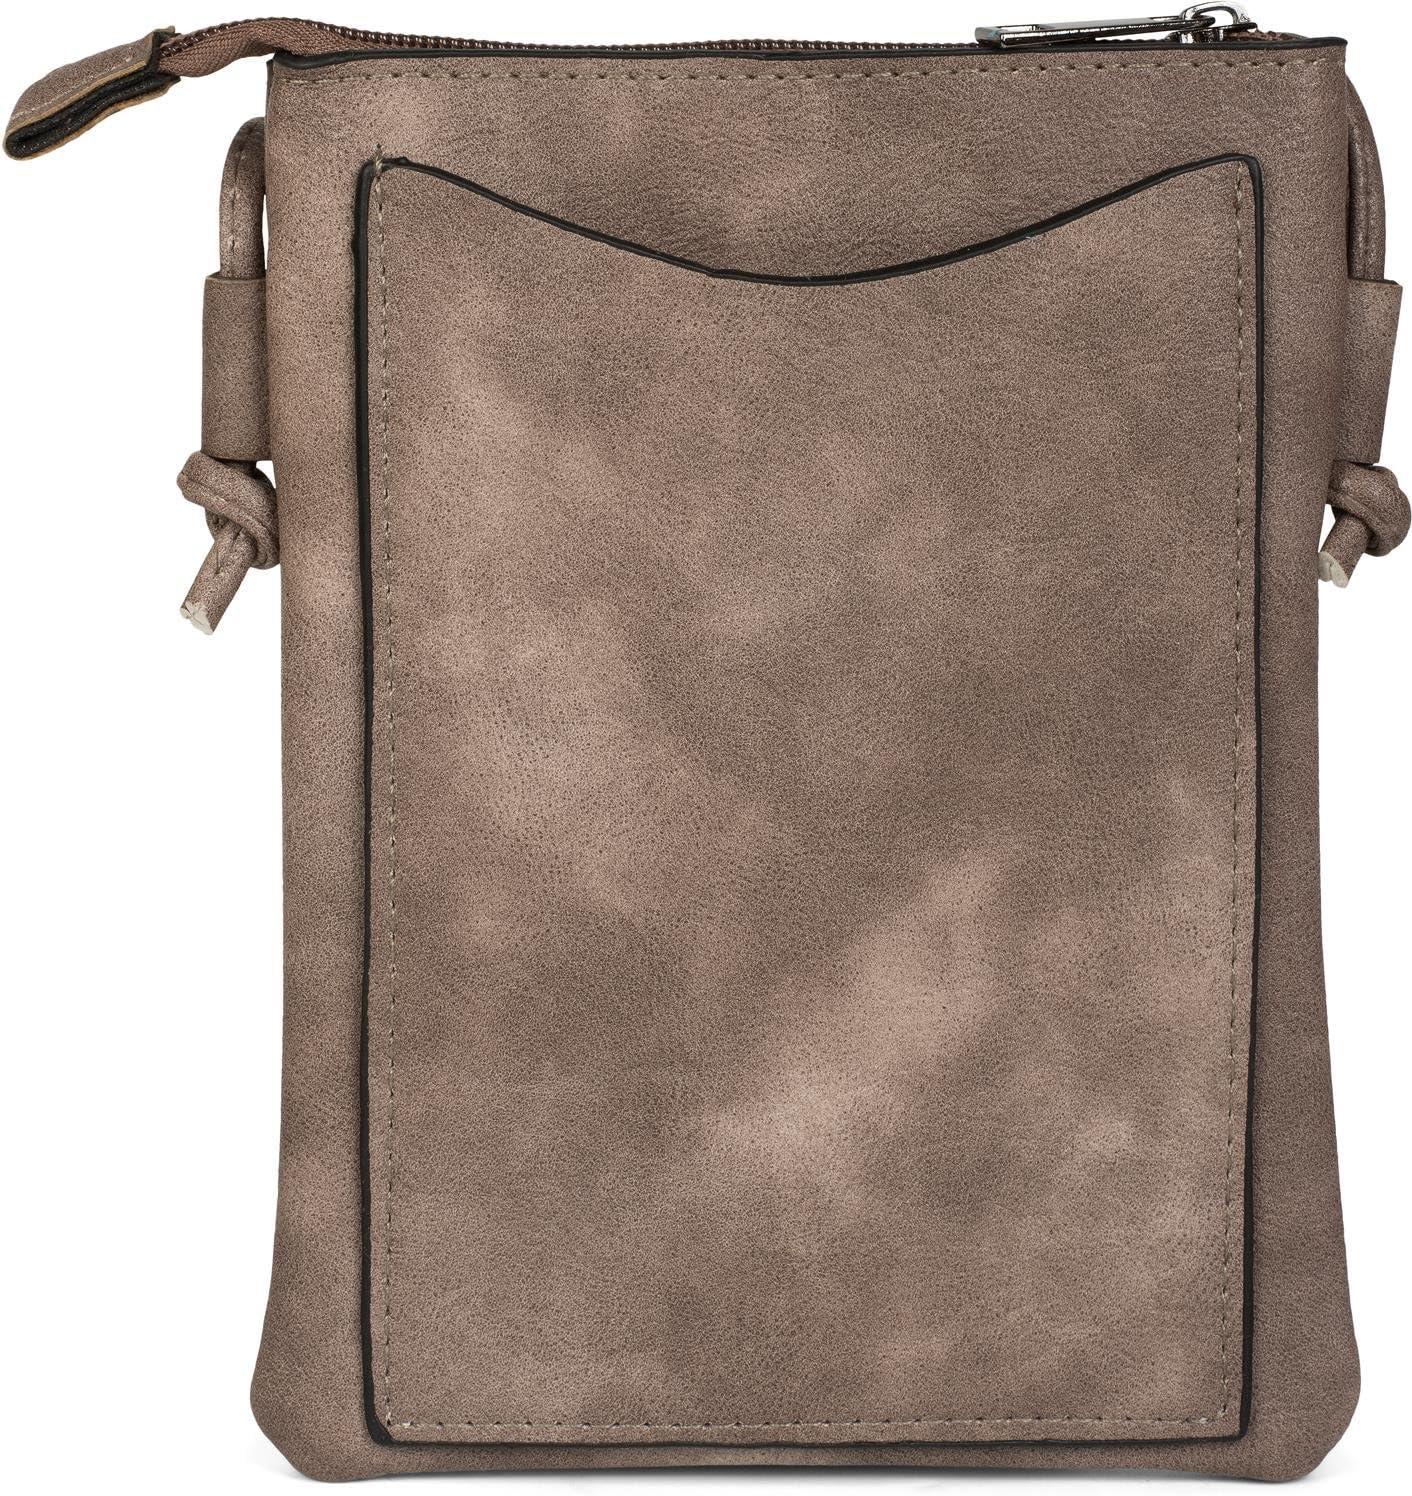 da donna 02012235 borsa styleBREAKER mini bag borsa a tracolla con borchie disposte a stella colore:Cognac borsa a spalla borsa a mano